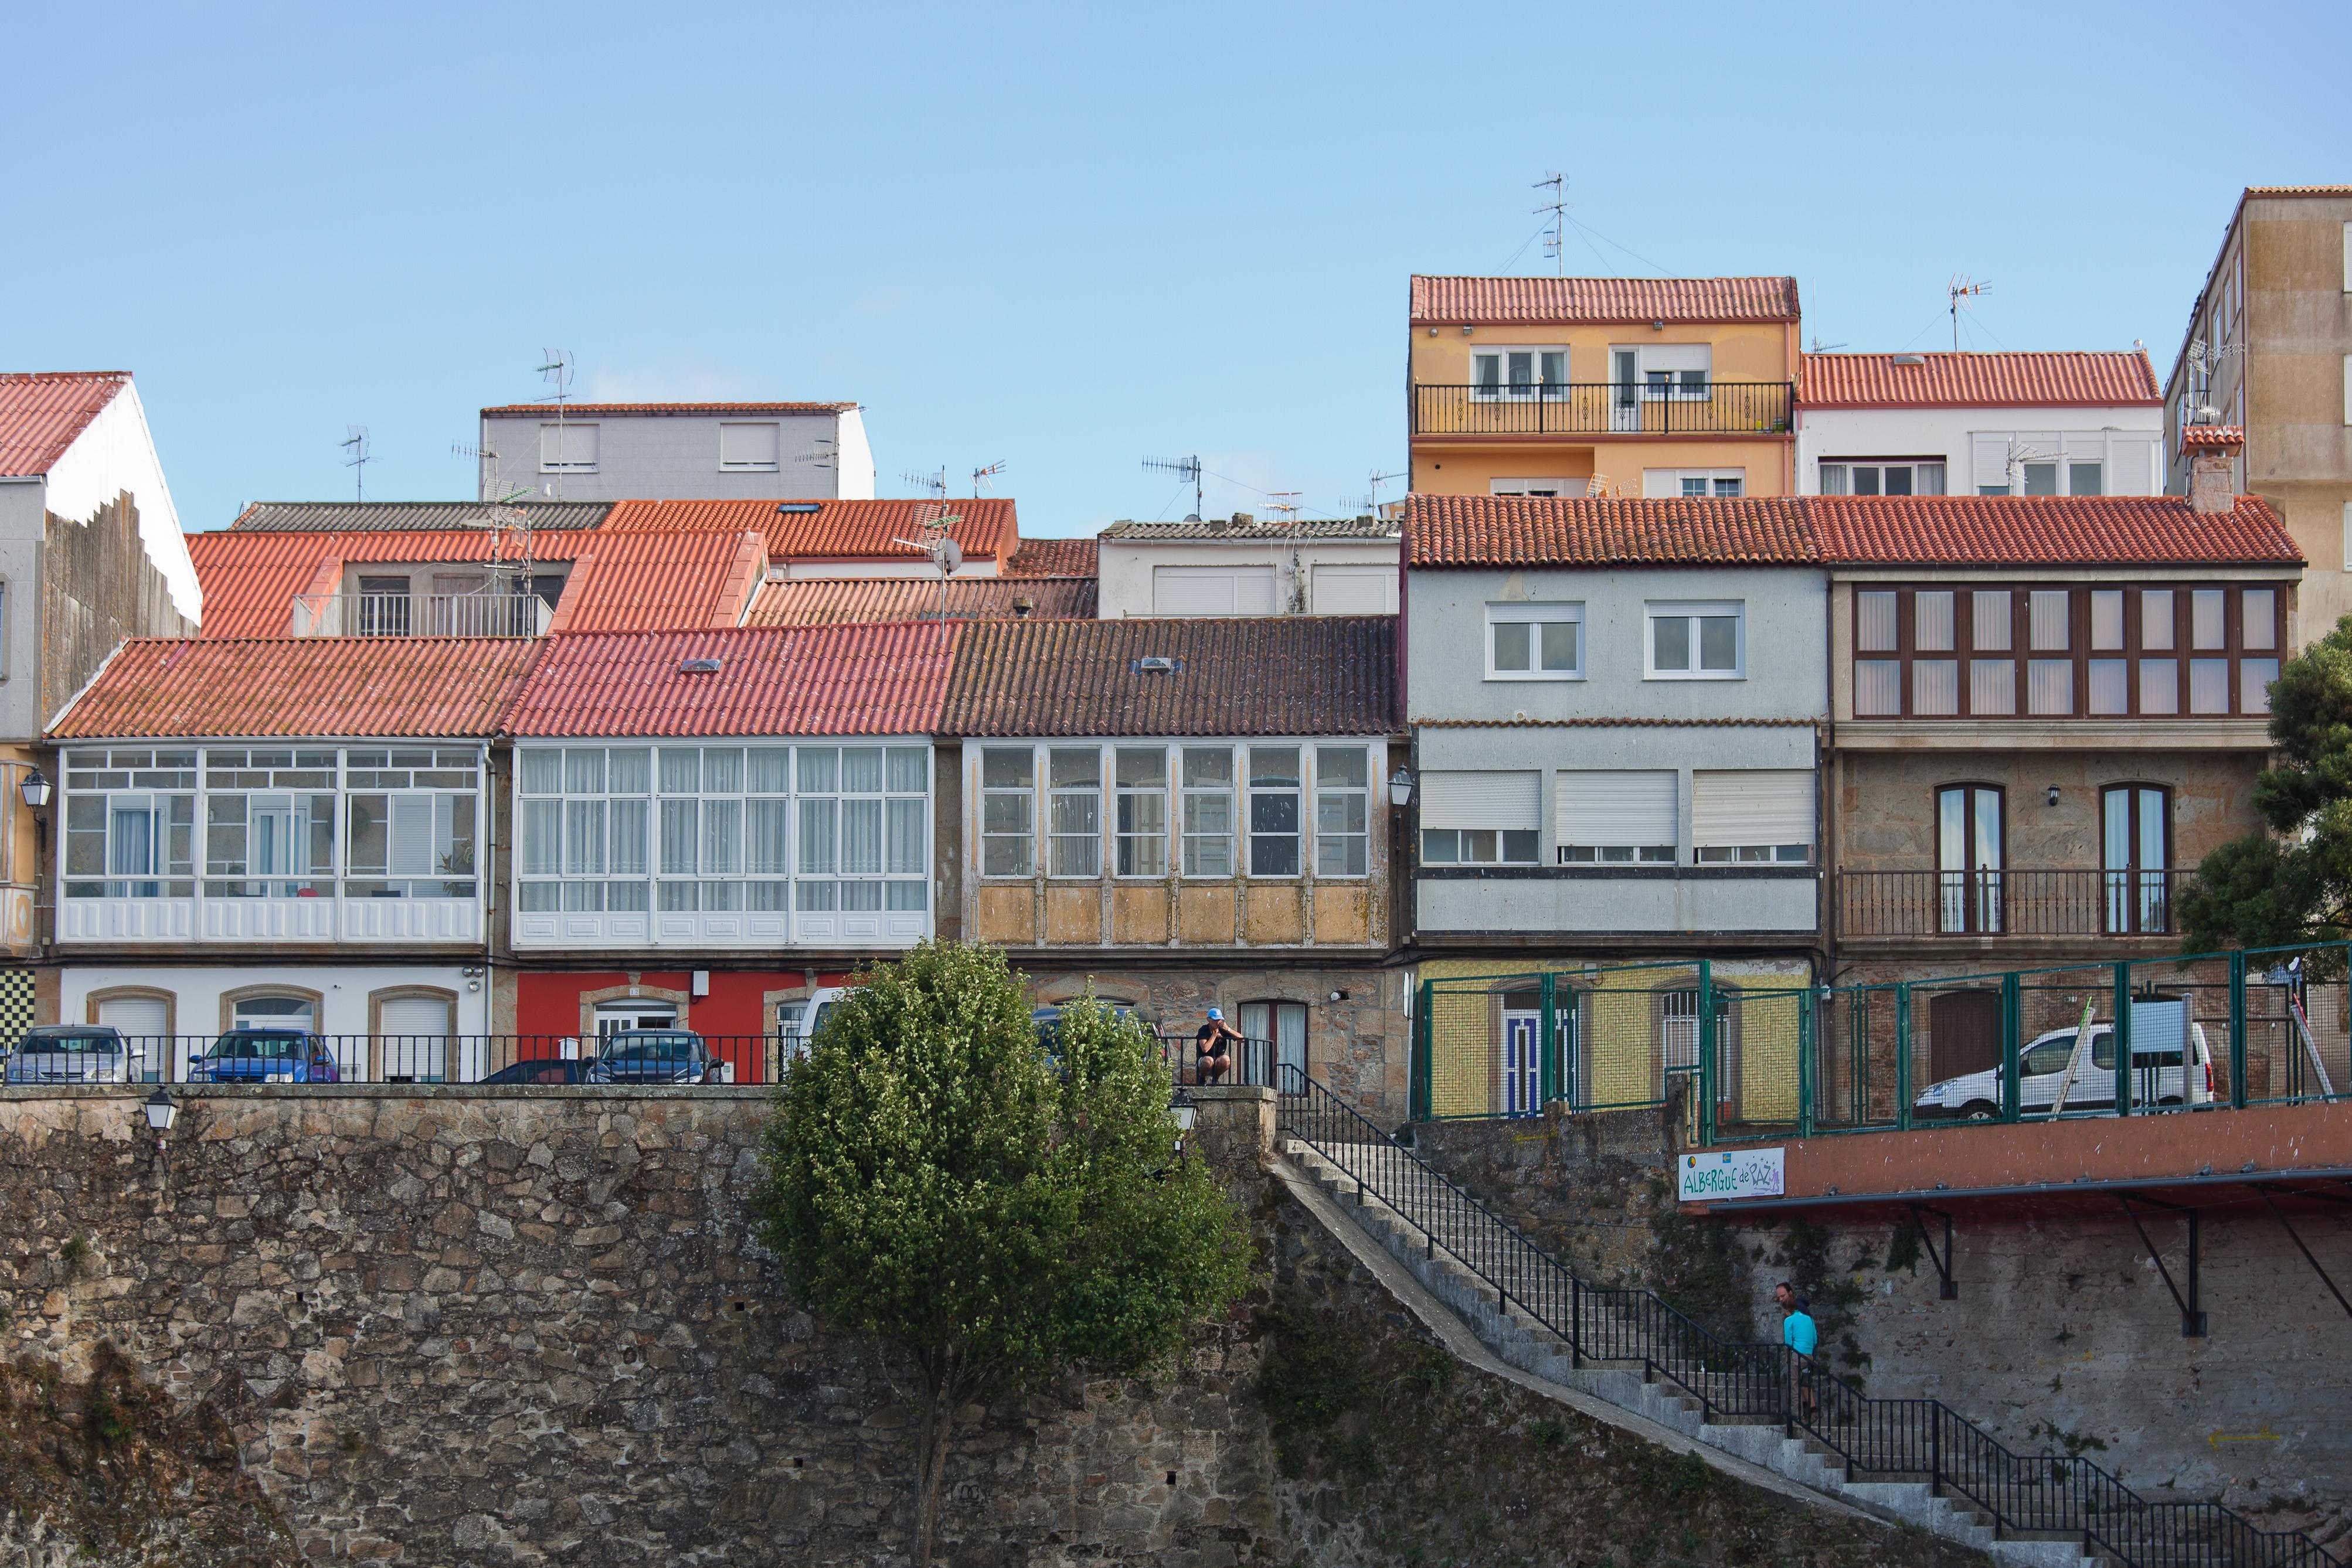 edificios_-_fisterra_-_galicia